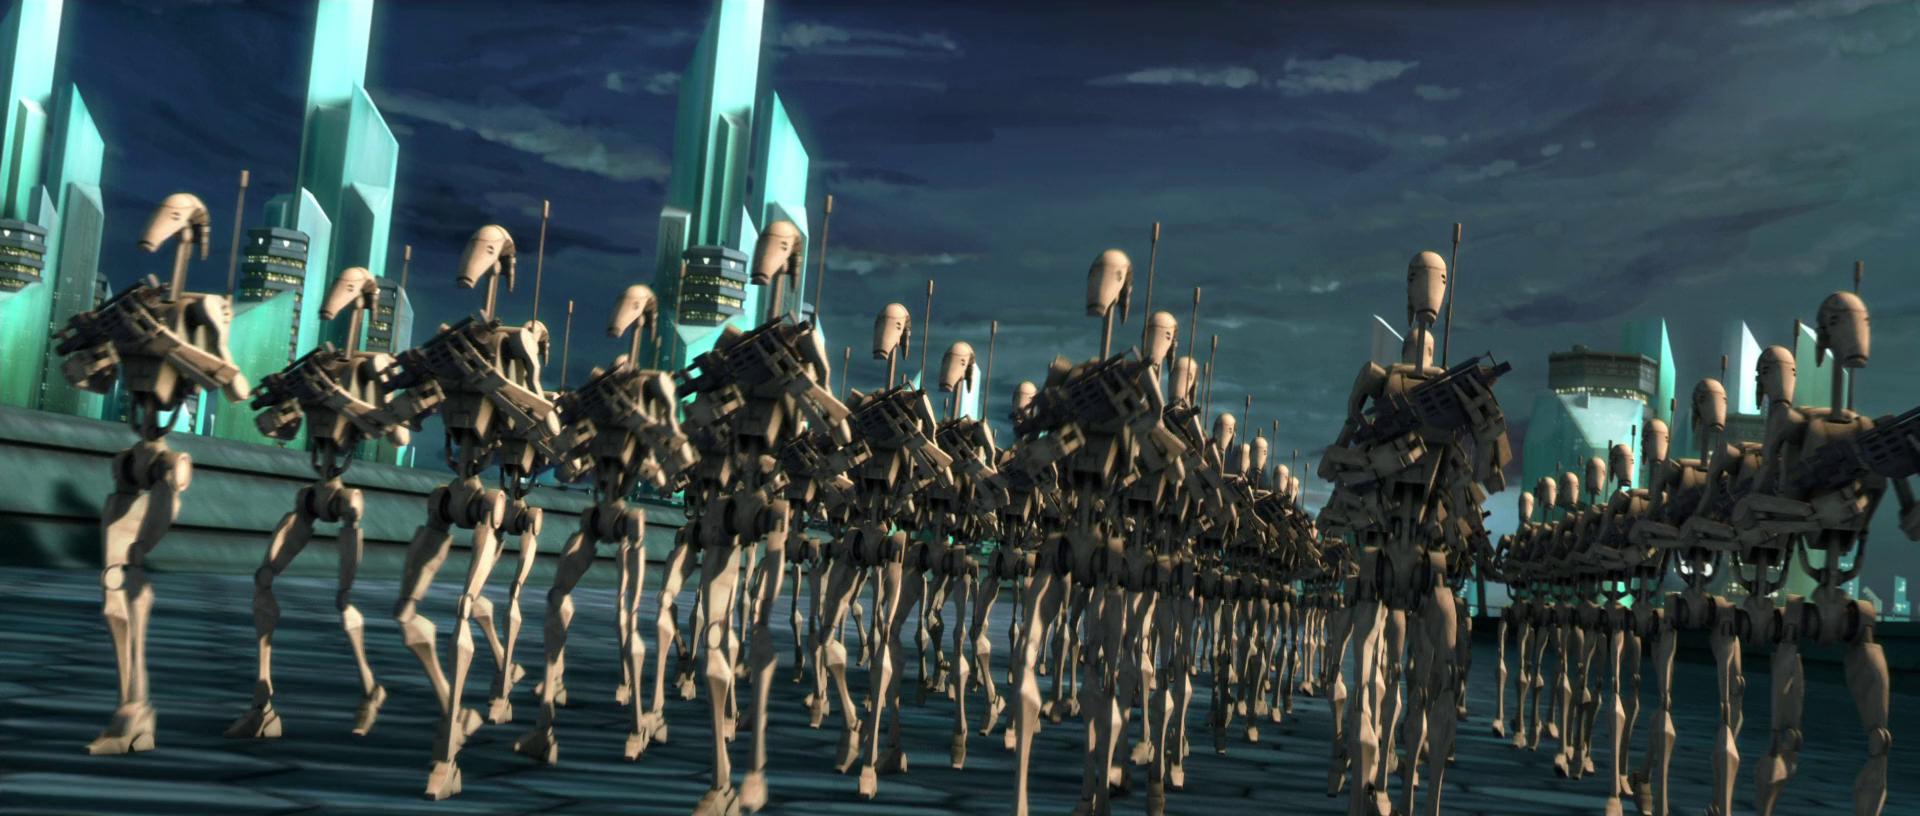 Battle droid battalion